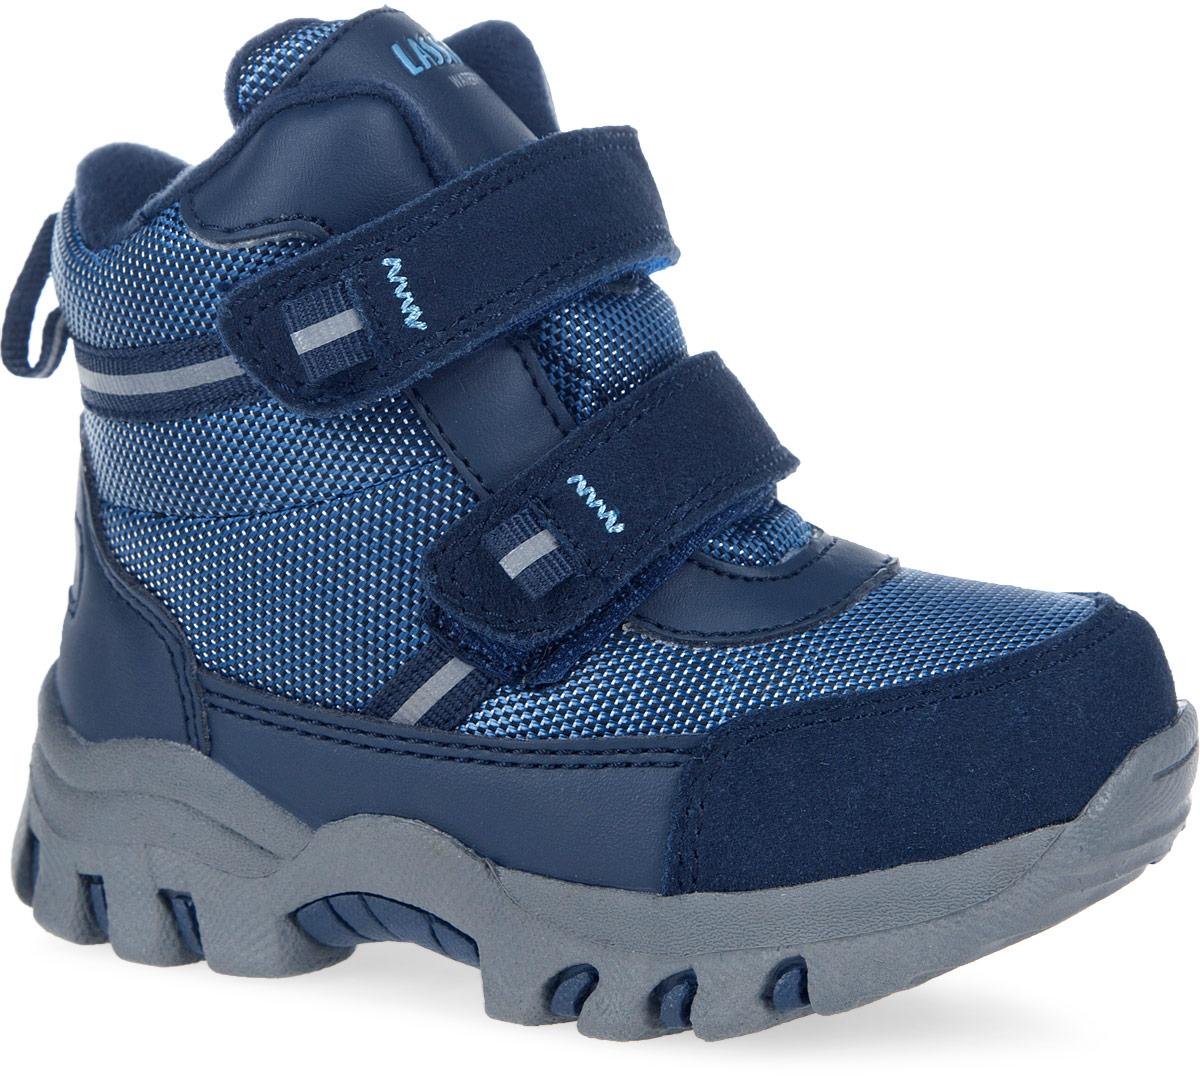 Ботинки детские. 769097769097-3380Теплые ботинки от фирмы Reima - идеальный вариант для долгих прогулок. Модель выполнена из плотного фактурного текстиля и комбинированной искусственной кожи. Ботинки оформлены декоративной нашивкой со светоотражателями и фирменной нашивкой на языке. Носовая задняя части дополнены нашивками для улучшения сохранности обуви. Модель фиксируется на ноге с помощью удобных ремешков с застежками-липучками. Ярлычок на заднике облегчает надевание обуви. Внутренняя поверхность, выполнена теплого текстиля, убережет ножки от холода. Легкая и прочная подошва выполнена из искусственных материалов, а ее рифленая поверхность обеспечит отличное сцепление с любой поверхностью. Теплые и удобные ботинки - незаменимая вещь в гардеробе вашего ребенка.